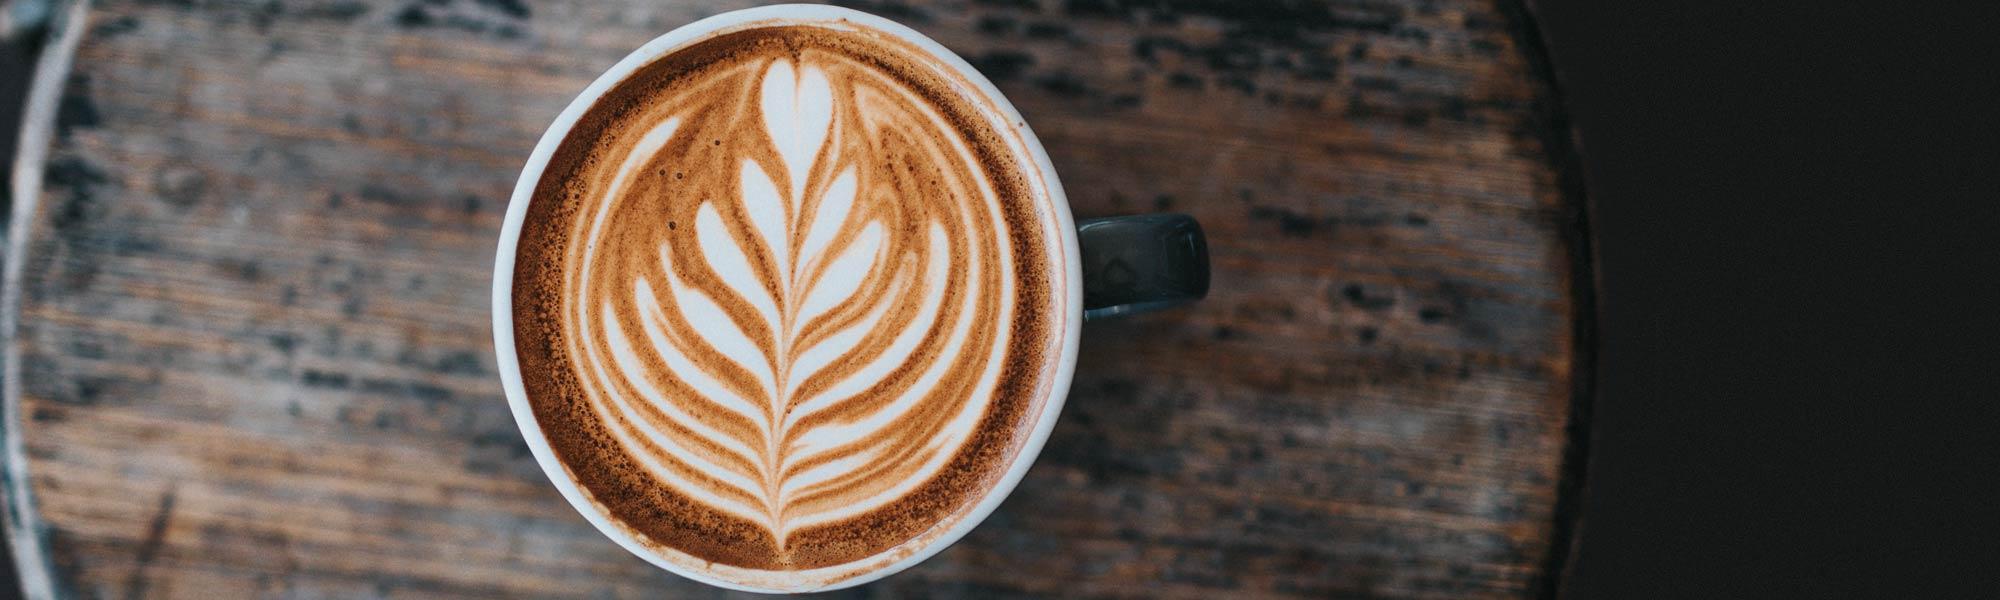 Auswahl der besten Kaffeesorten fuer Eiskaffee